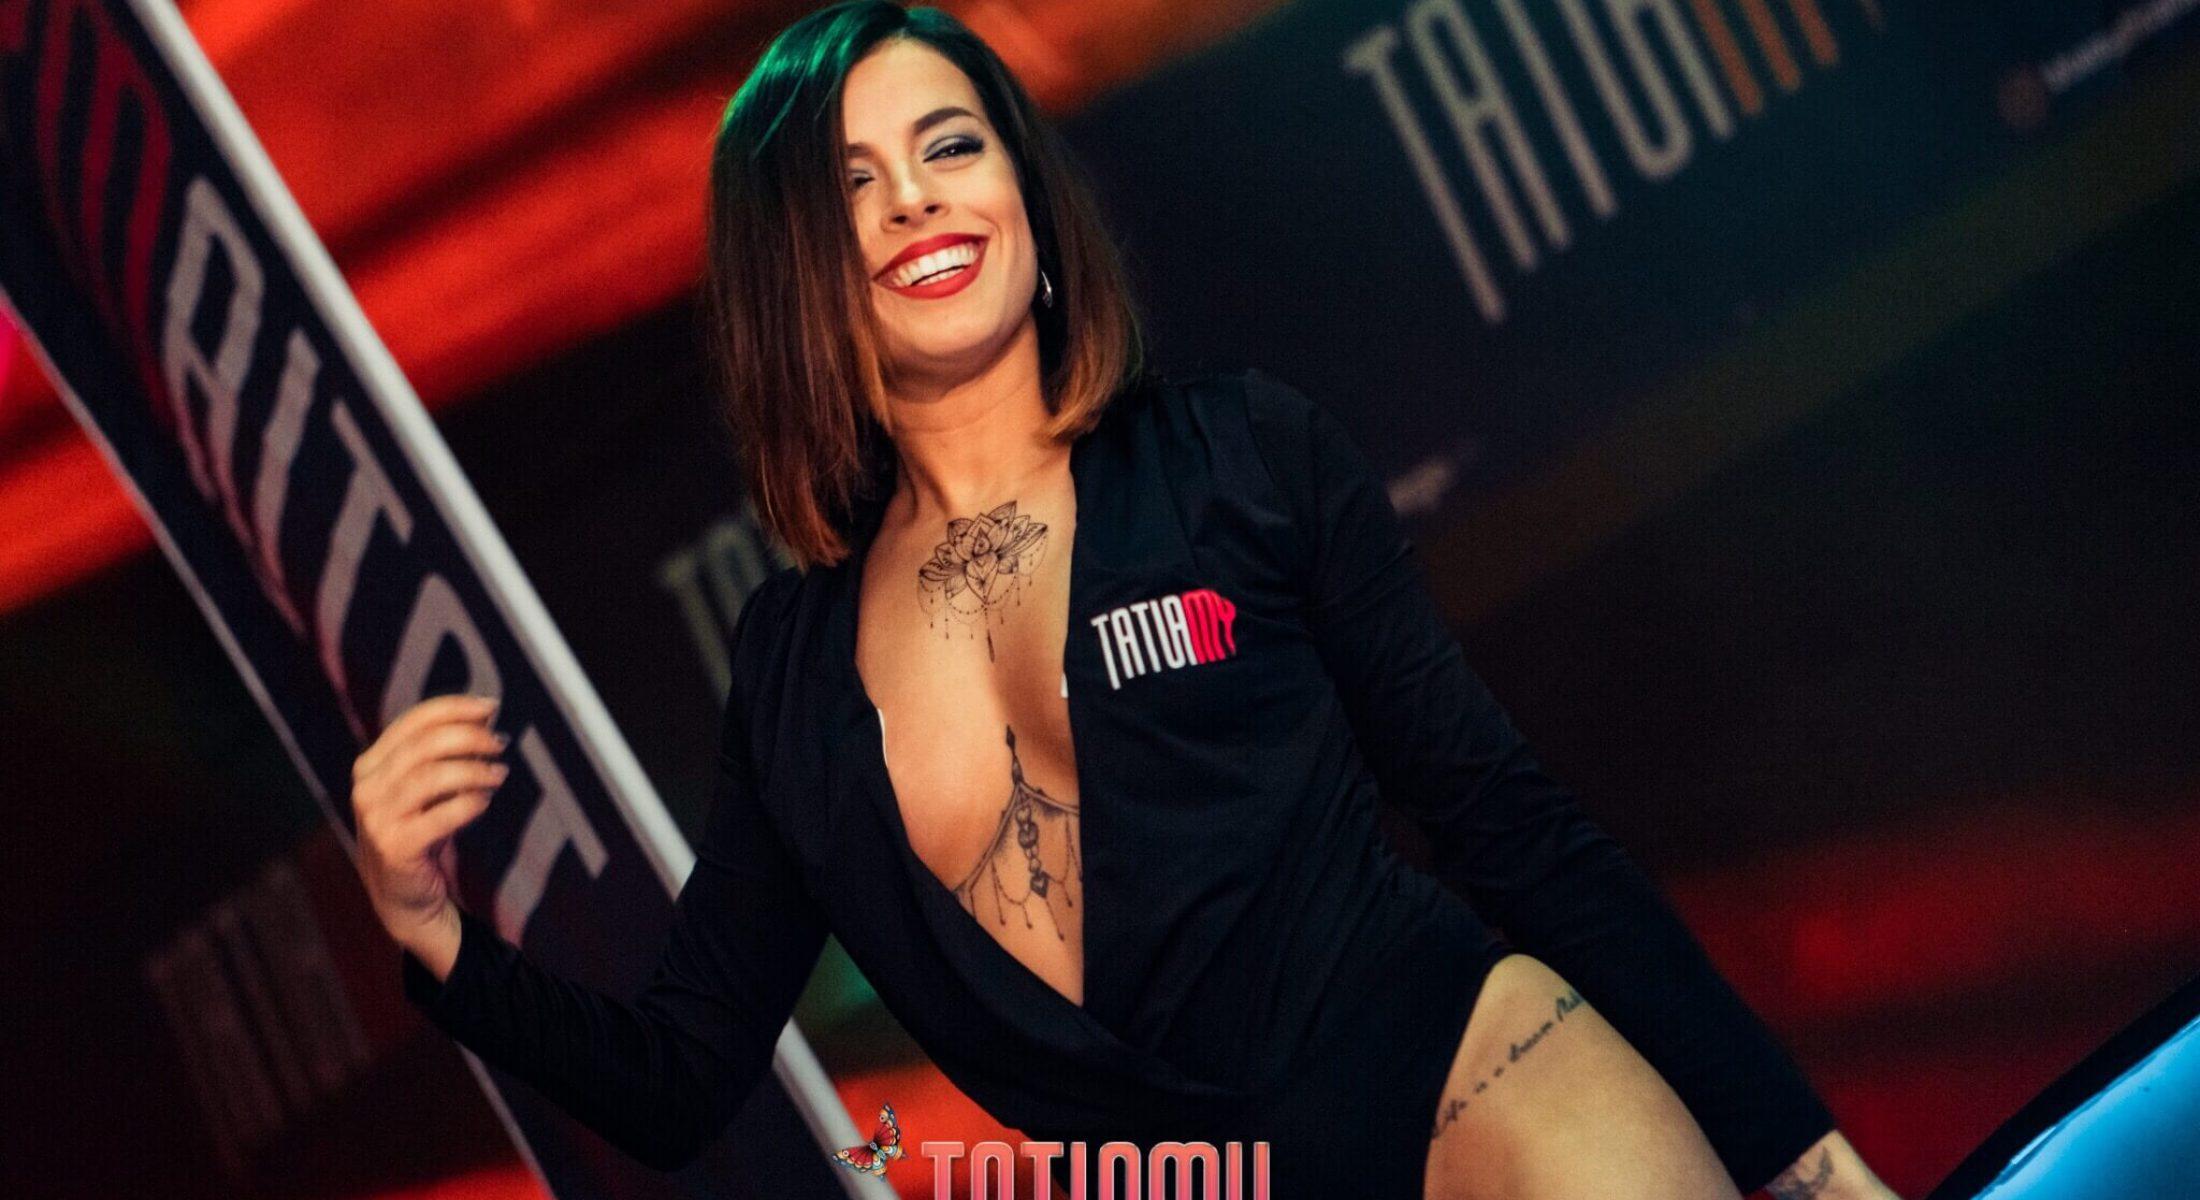 Tatuamy - Virgo Music Mgmt